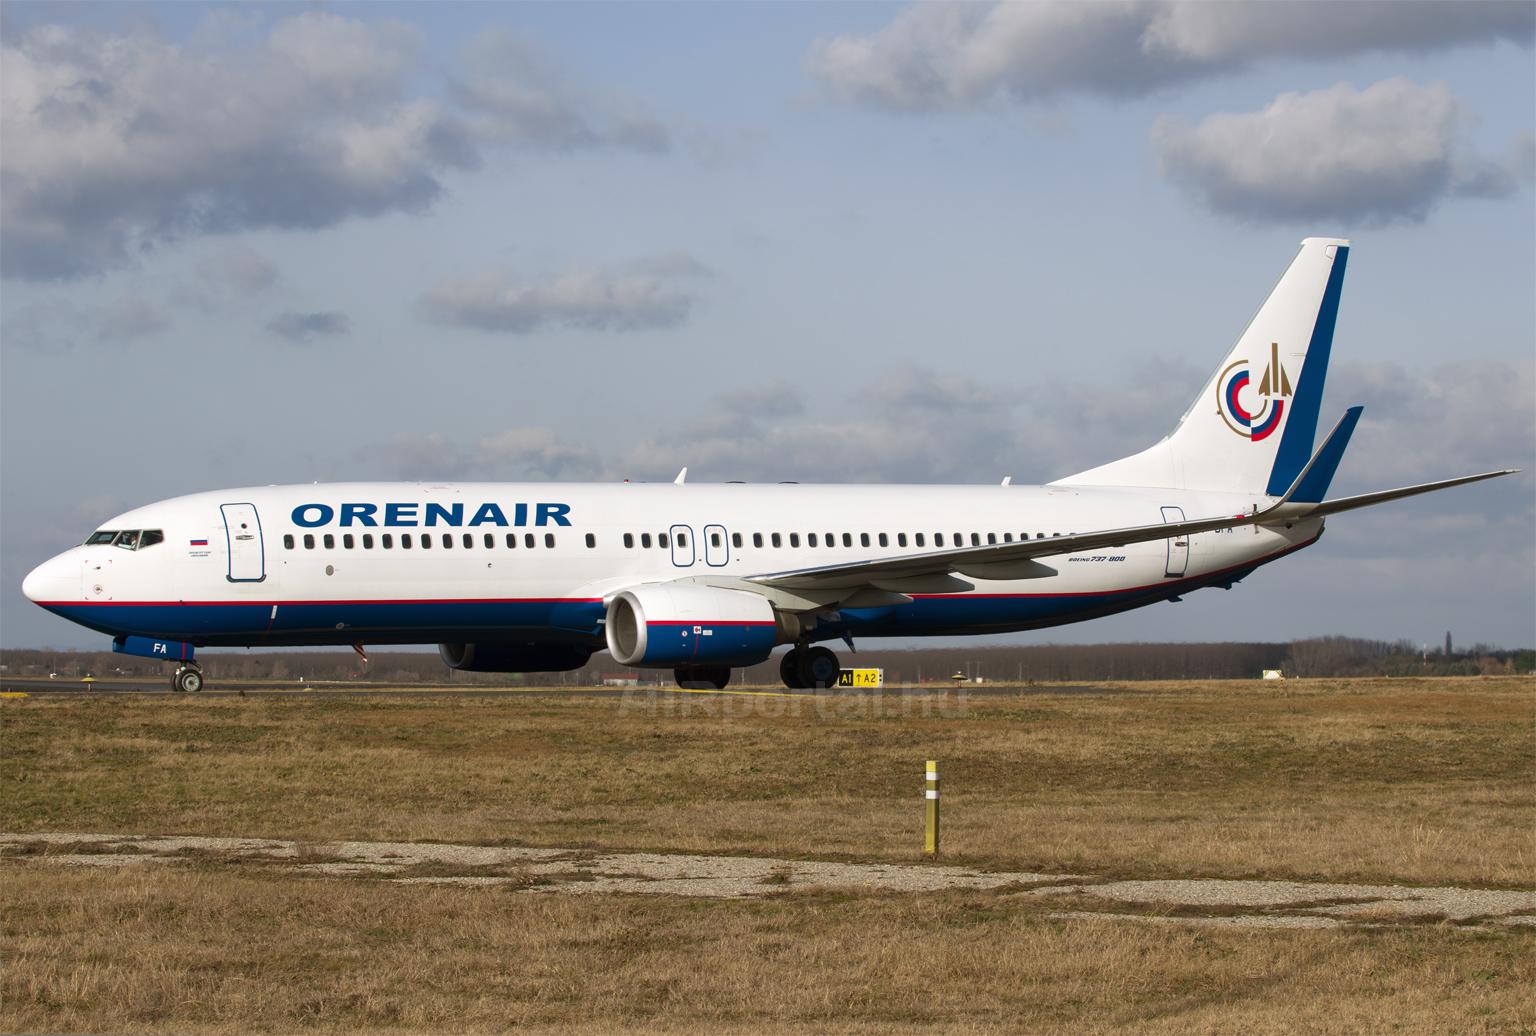 Az Oreanair gépei nem először fordulnak meg Ferihegyen, mivel az orosz cég a spanyol Air Europa-tól lízingeli azokat, mely vállalat Budapesten szerelteti a típust. (Fotó: Szalmási Szabolcs - AIRportal.hu) | © AIRportal.hu